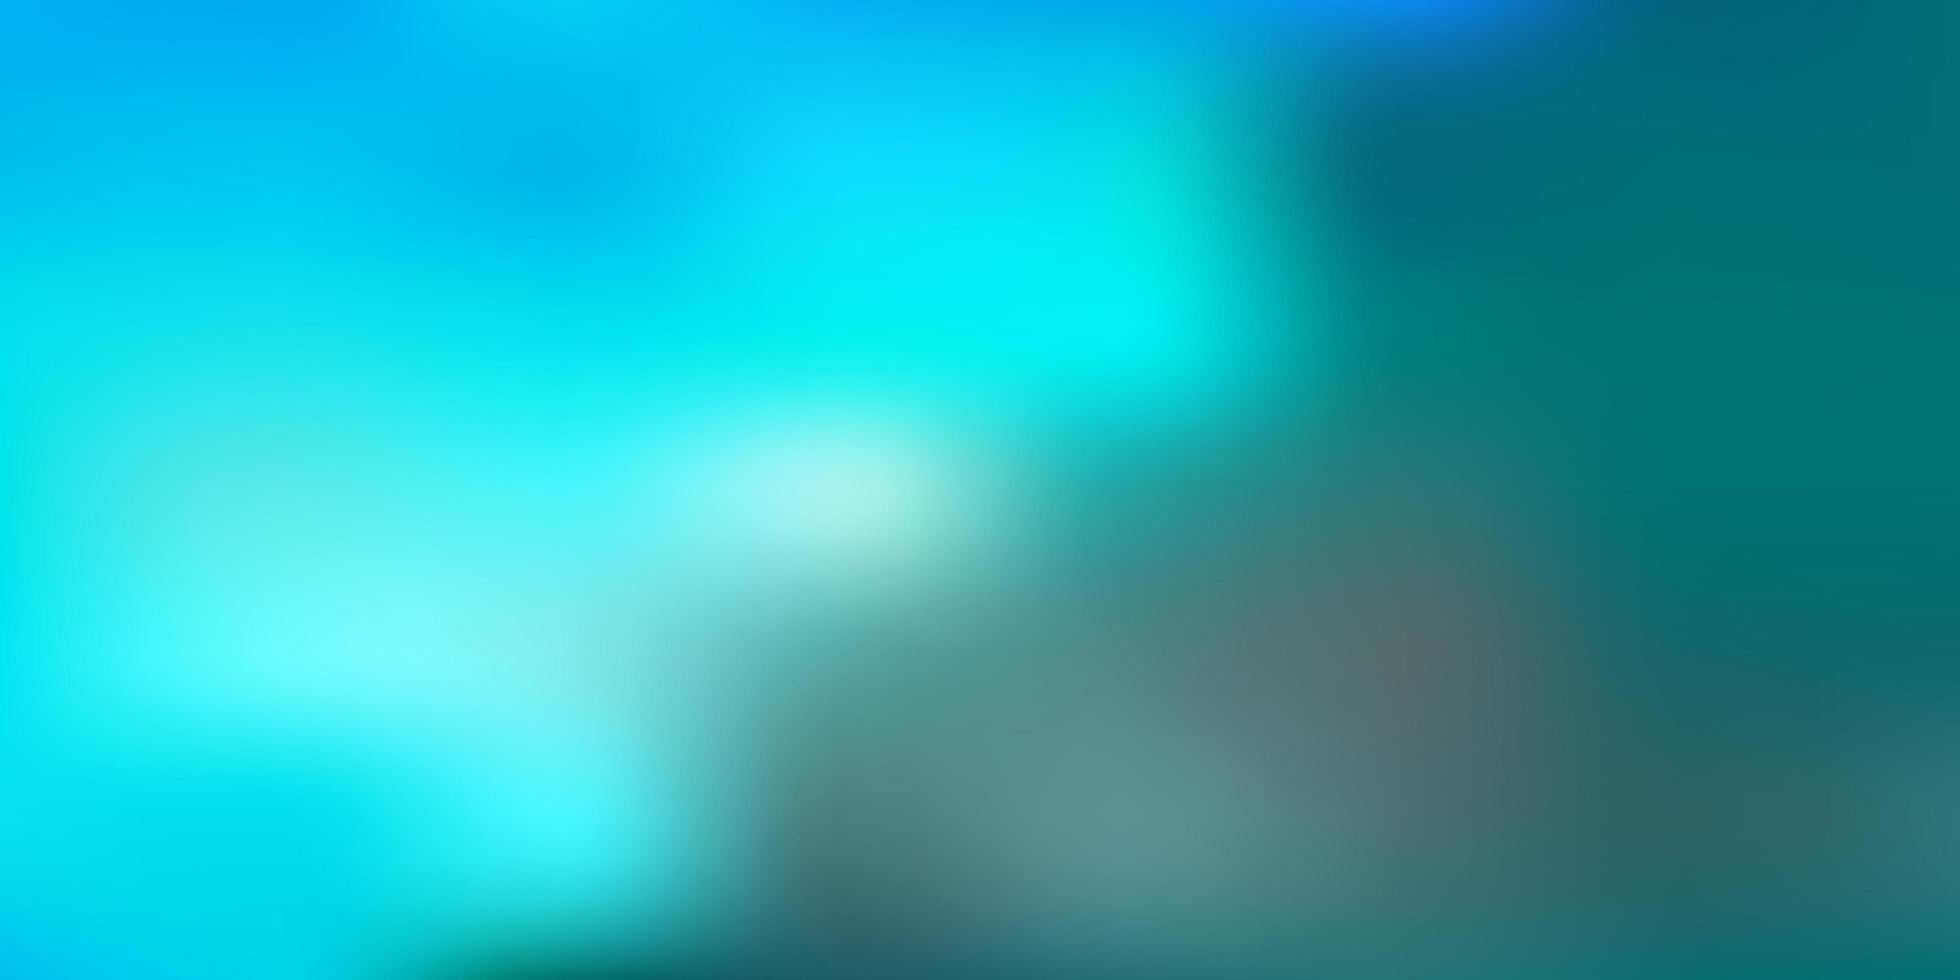 hellblaue Vektorunschärfe Textur. vektor